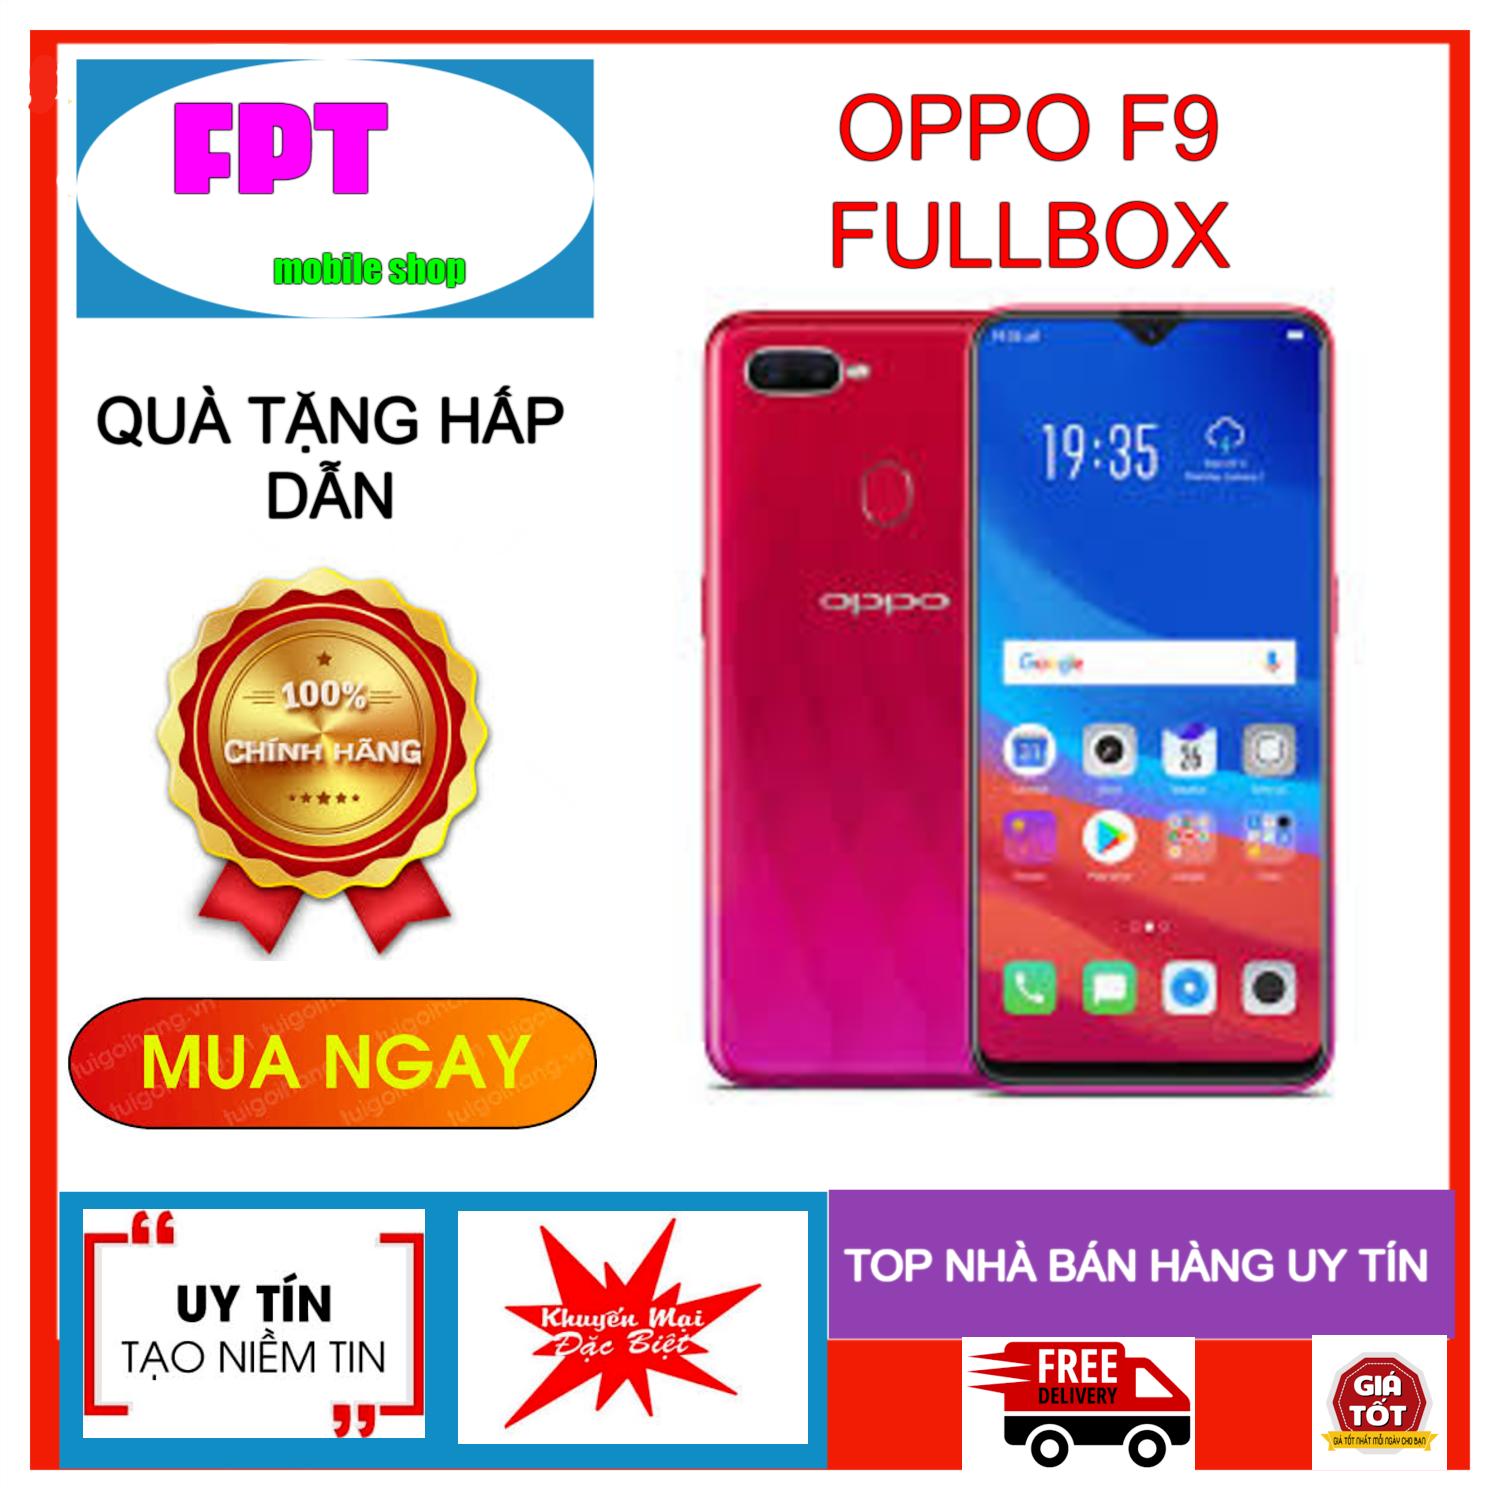 Oppo F9 Fullbox Siêu Selfie Ram 4Gb Bộ Nhớ 64Gb_Màn Hình Tai Thỏ Chiến Game Siêu Mạnh